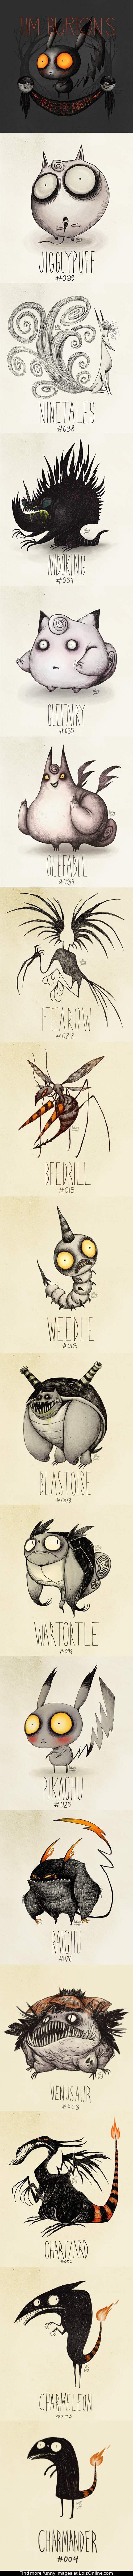 Tim Burton Inspired Pokemon Drawings